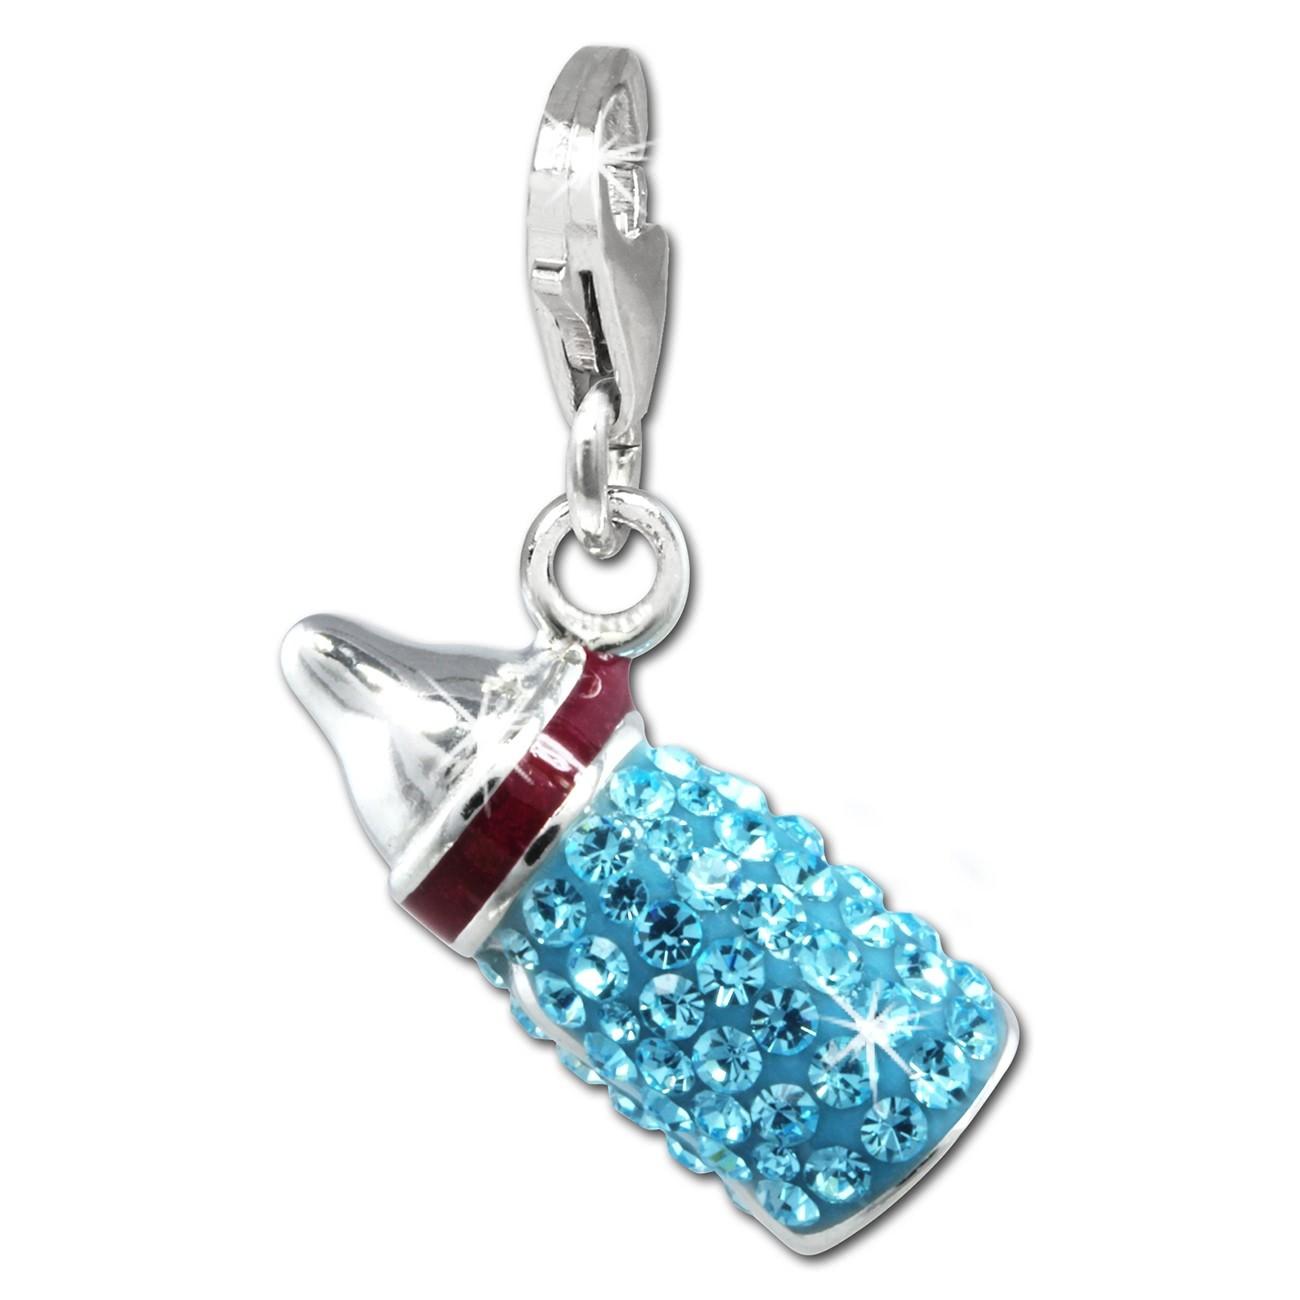 SilberDream Glitzer Charm Nuckelflasche hellblau Zirkonia Kristalle GSC555H